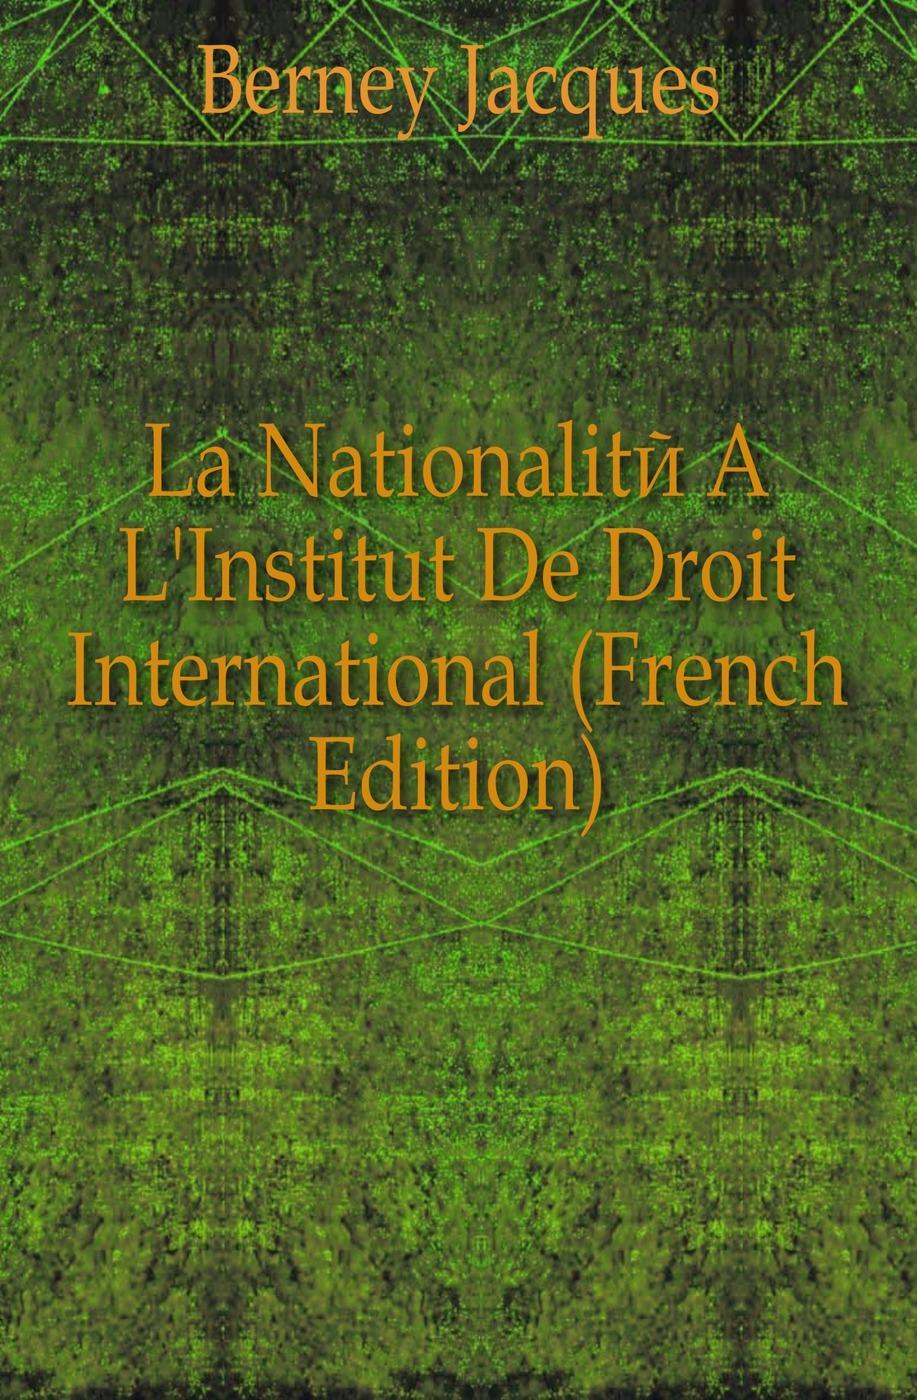 Berney Jacques La Nationalite A L'Institut De Droit International (French Edition) friedrich heinrich geffcken le droit international de l europe german edition